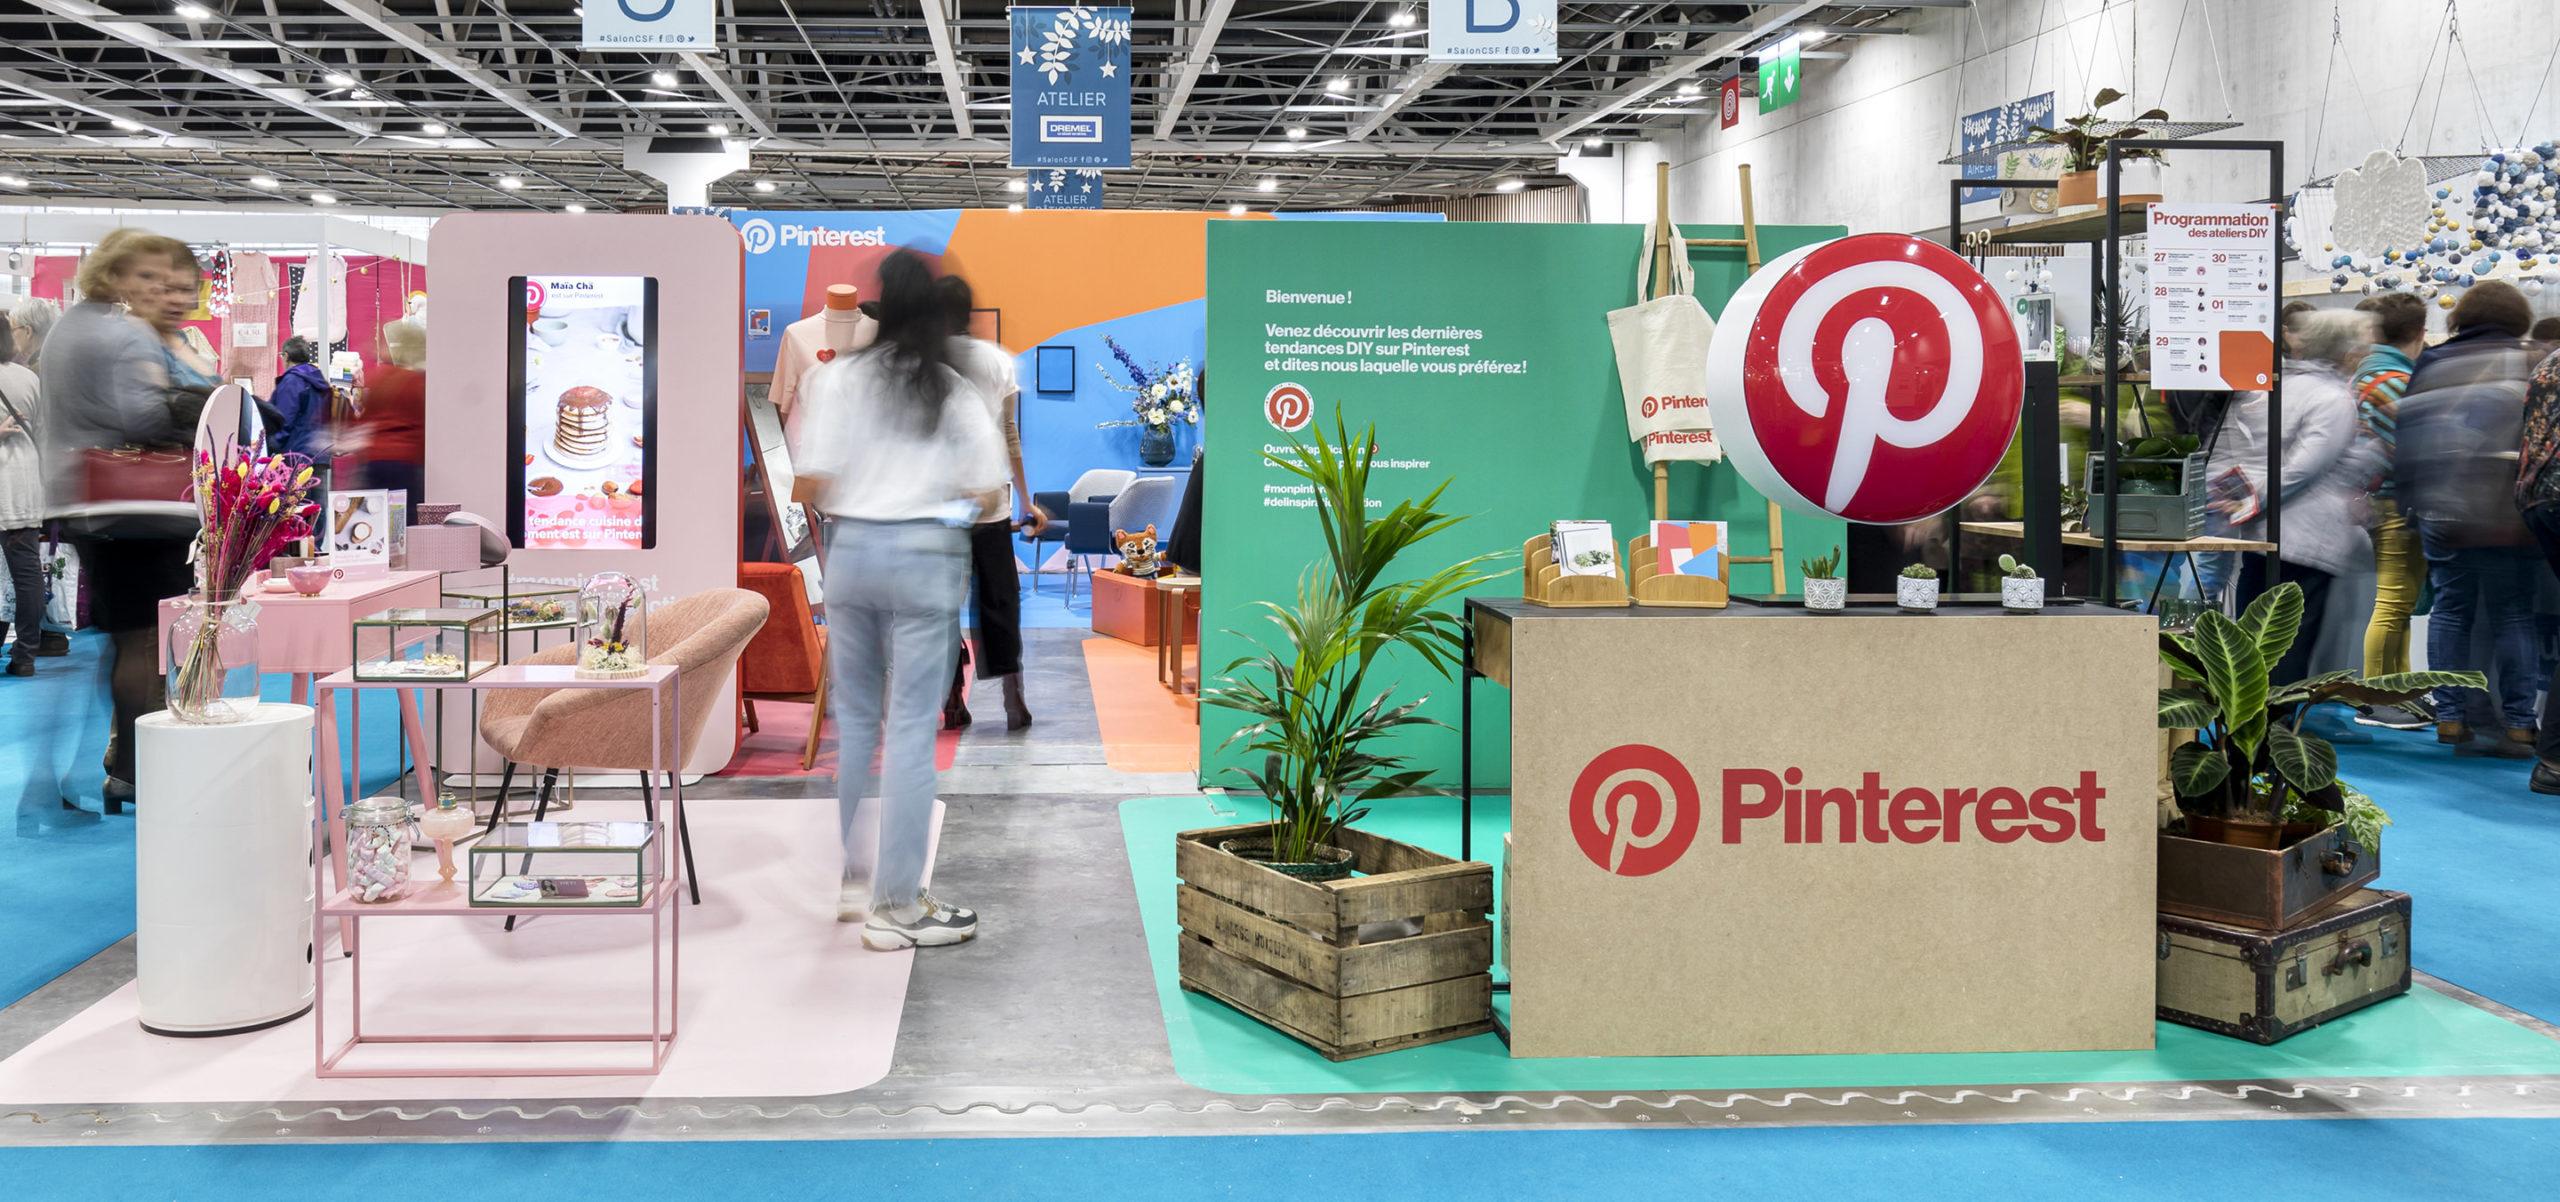 Label Experience : vue d'ensemble du stand Pinterest au salon Création & Savoir-faire